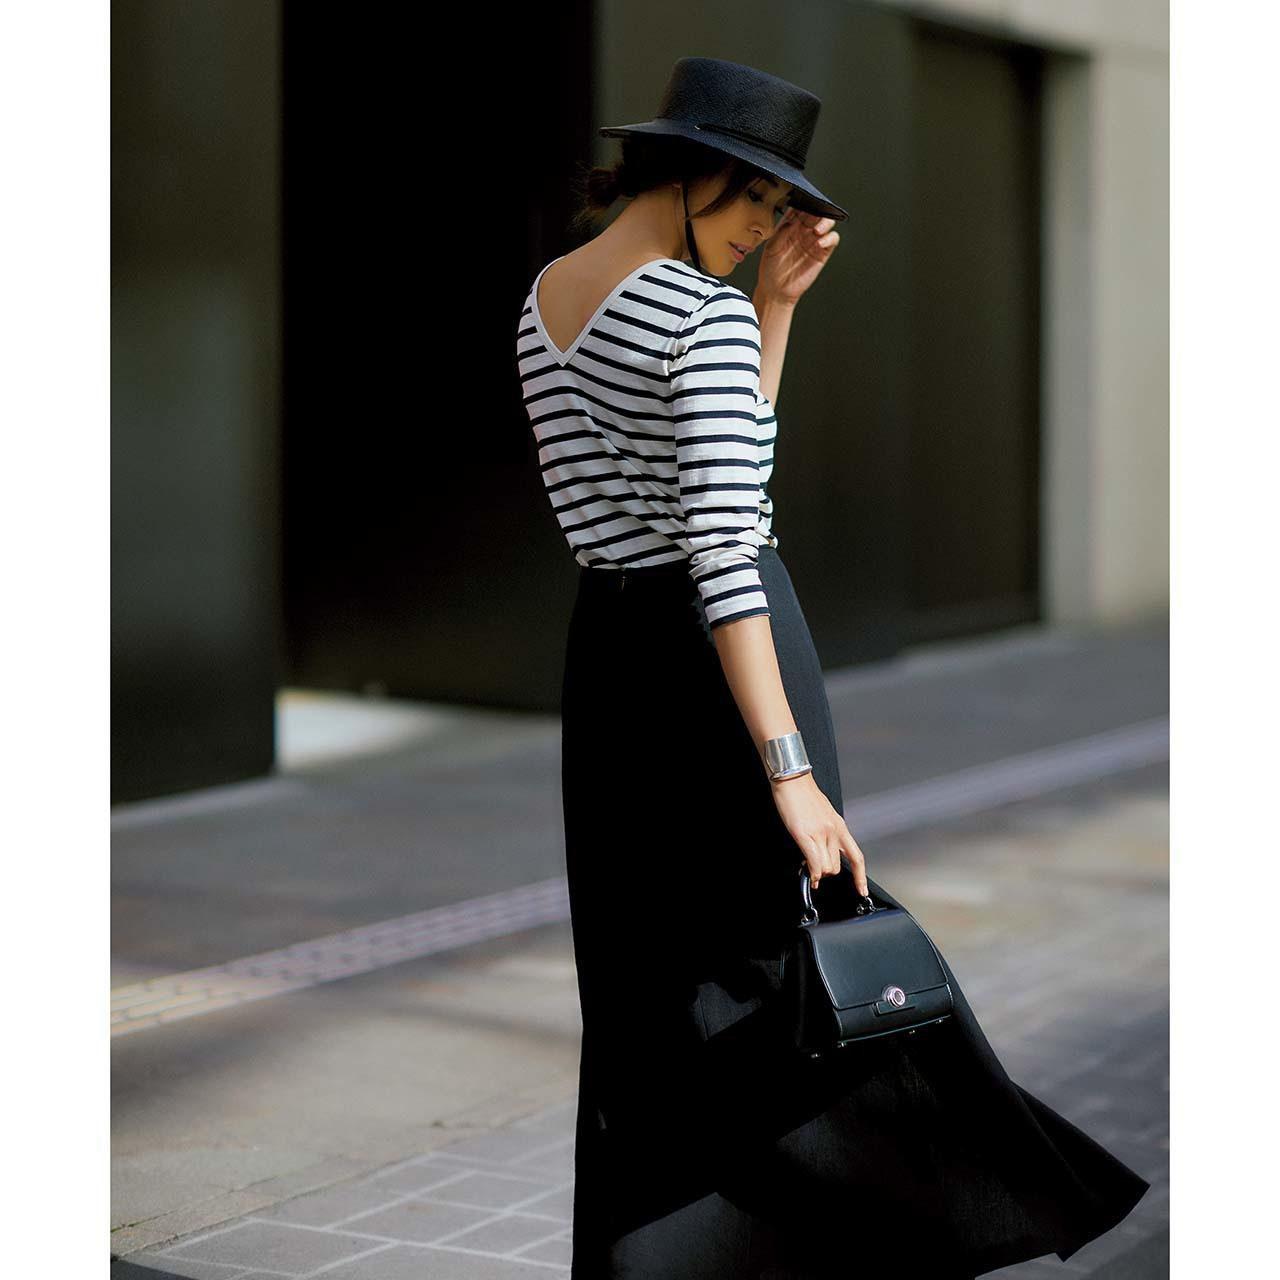 ボーダーカットソー×ブラックスカートコーデを着たモデルのSHIHOさん